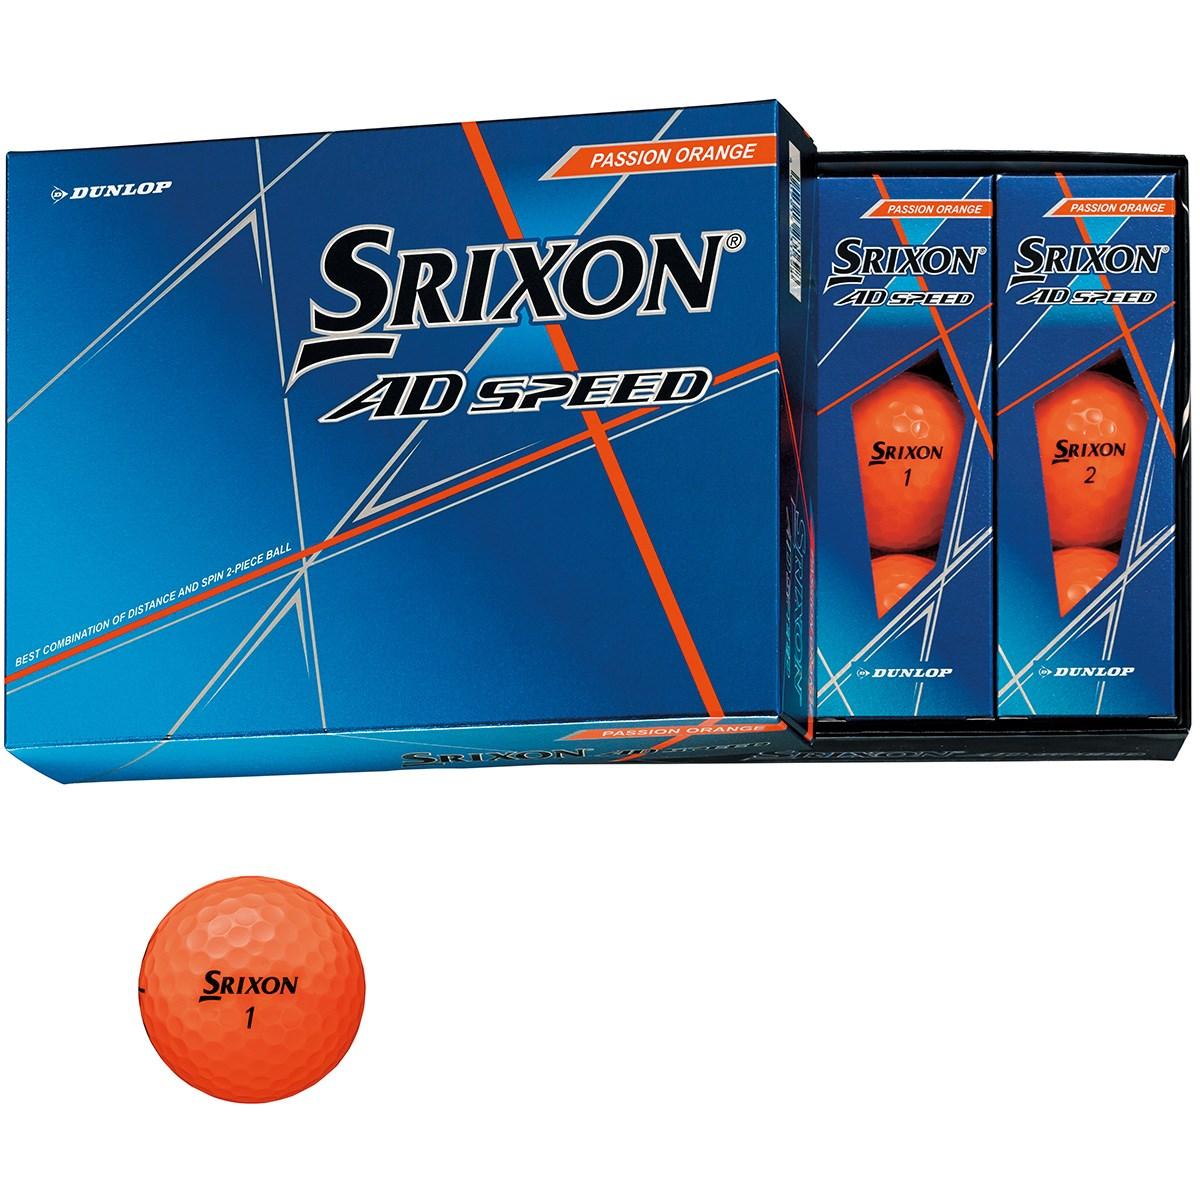 ダンロップ SRIXON スリクソン AD SPEED ボール 5ダースセット 5ダース(60個入り) パッションオレンジ